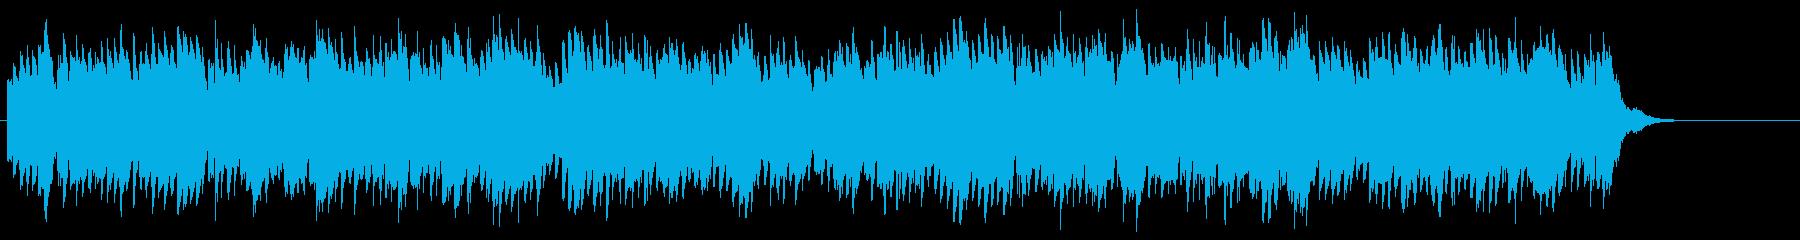 少し切ない雰囲気のサウンドの再生済みの波形